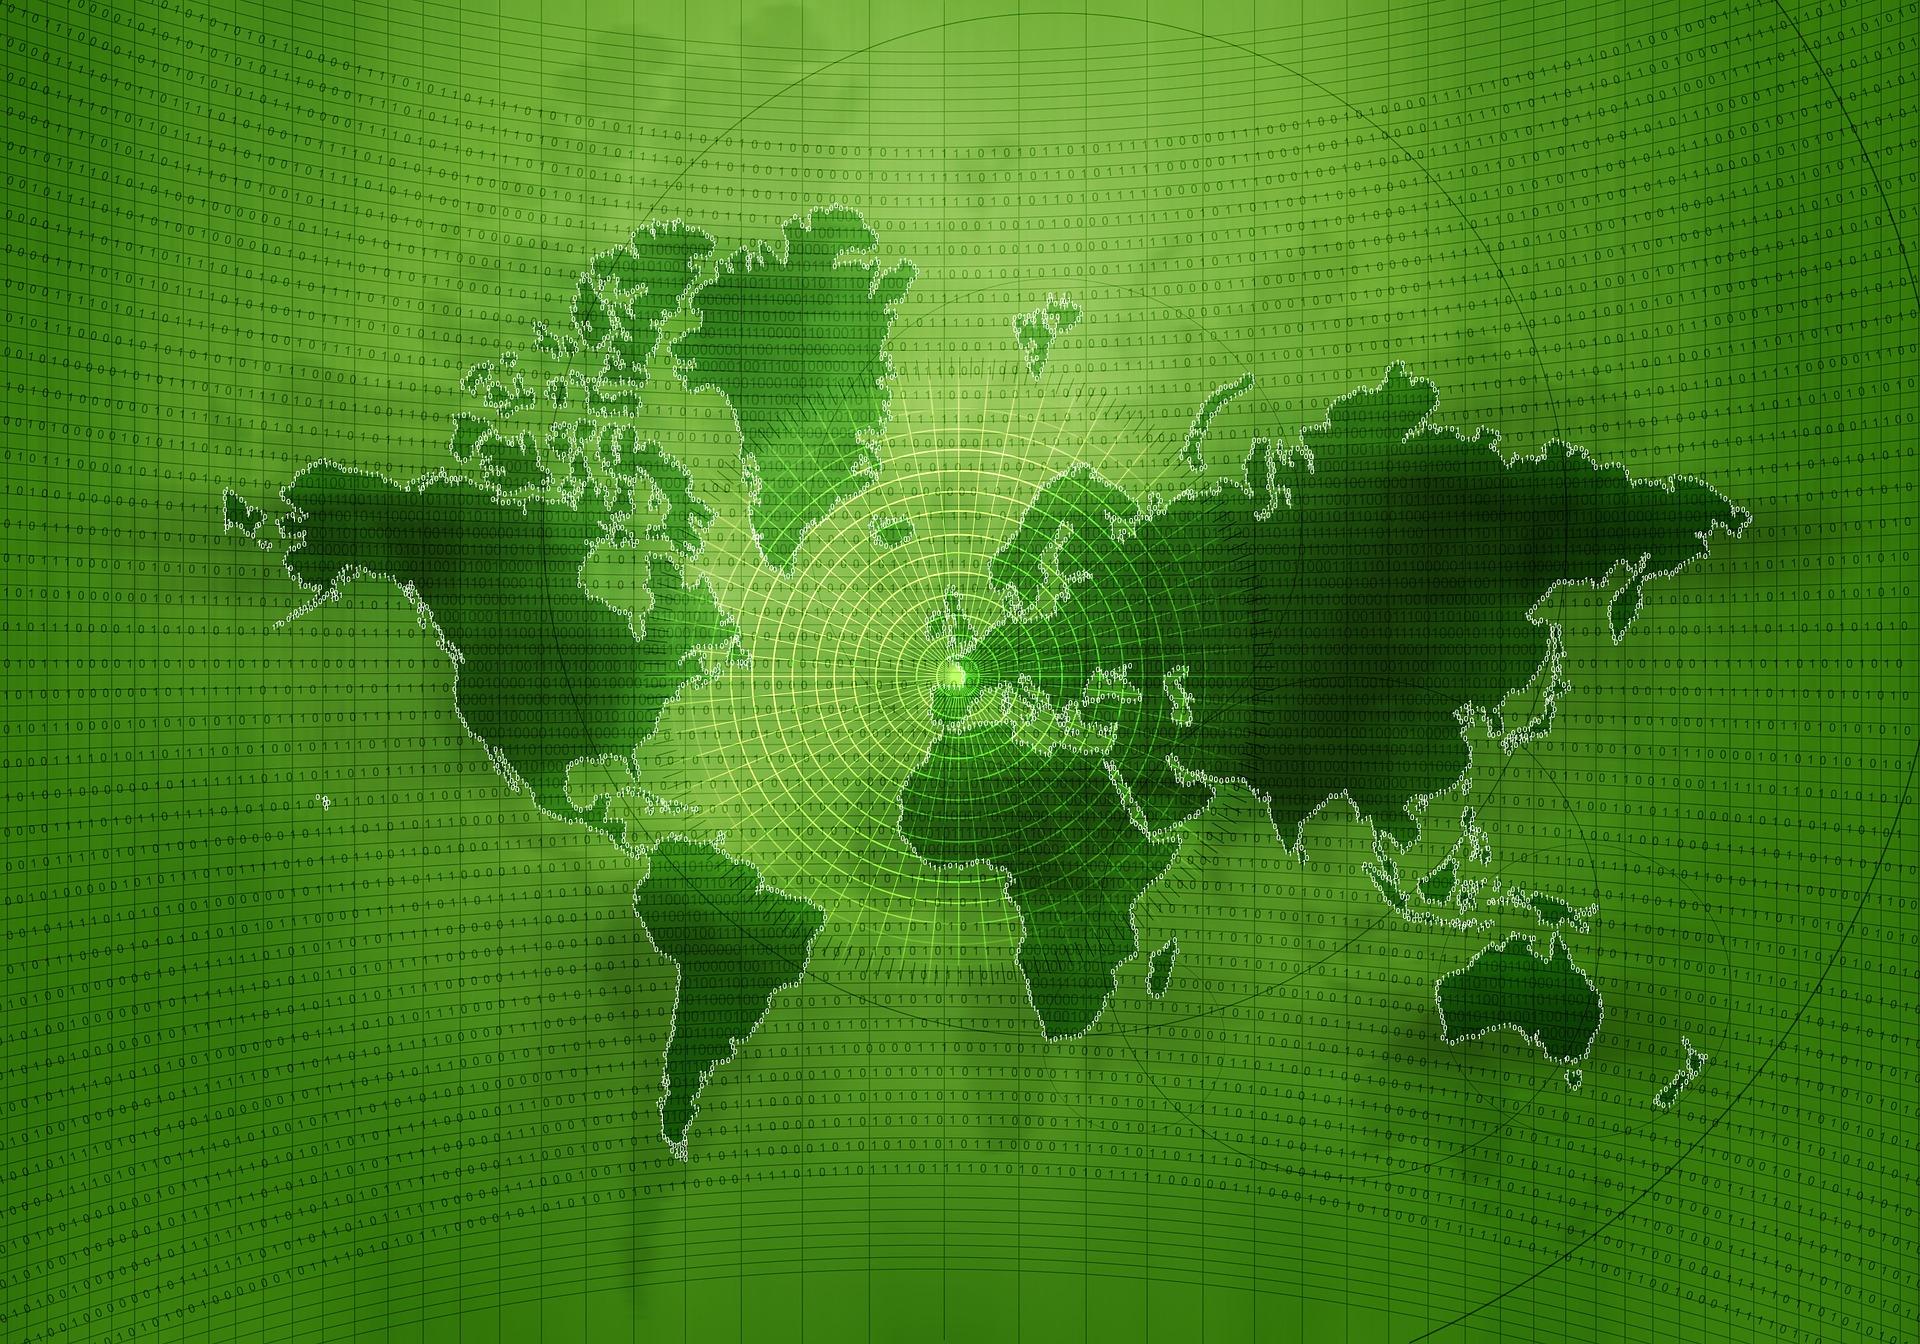 sostenibilità smart city mondo terra aziende iot bioplastiche